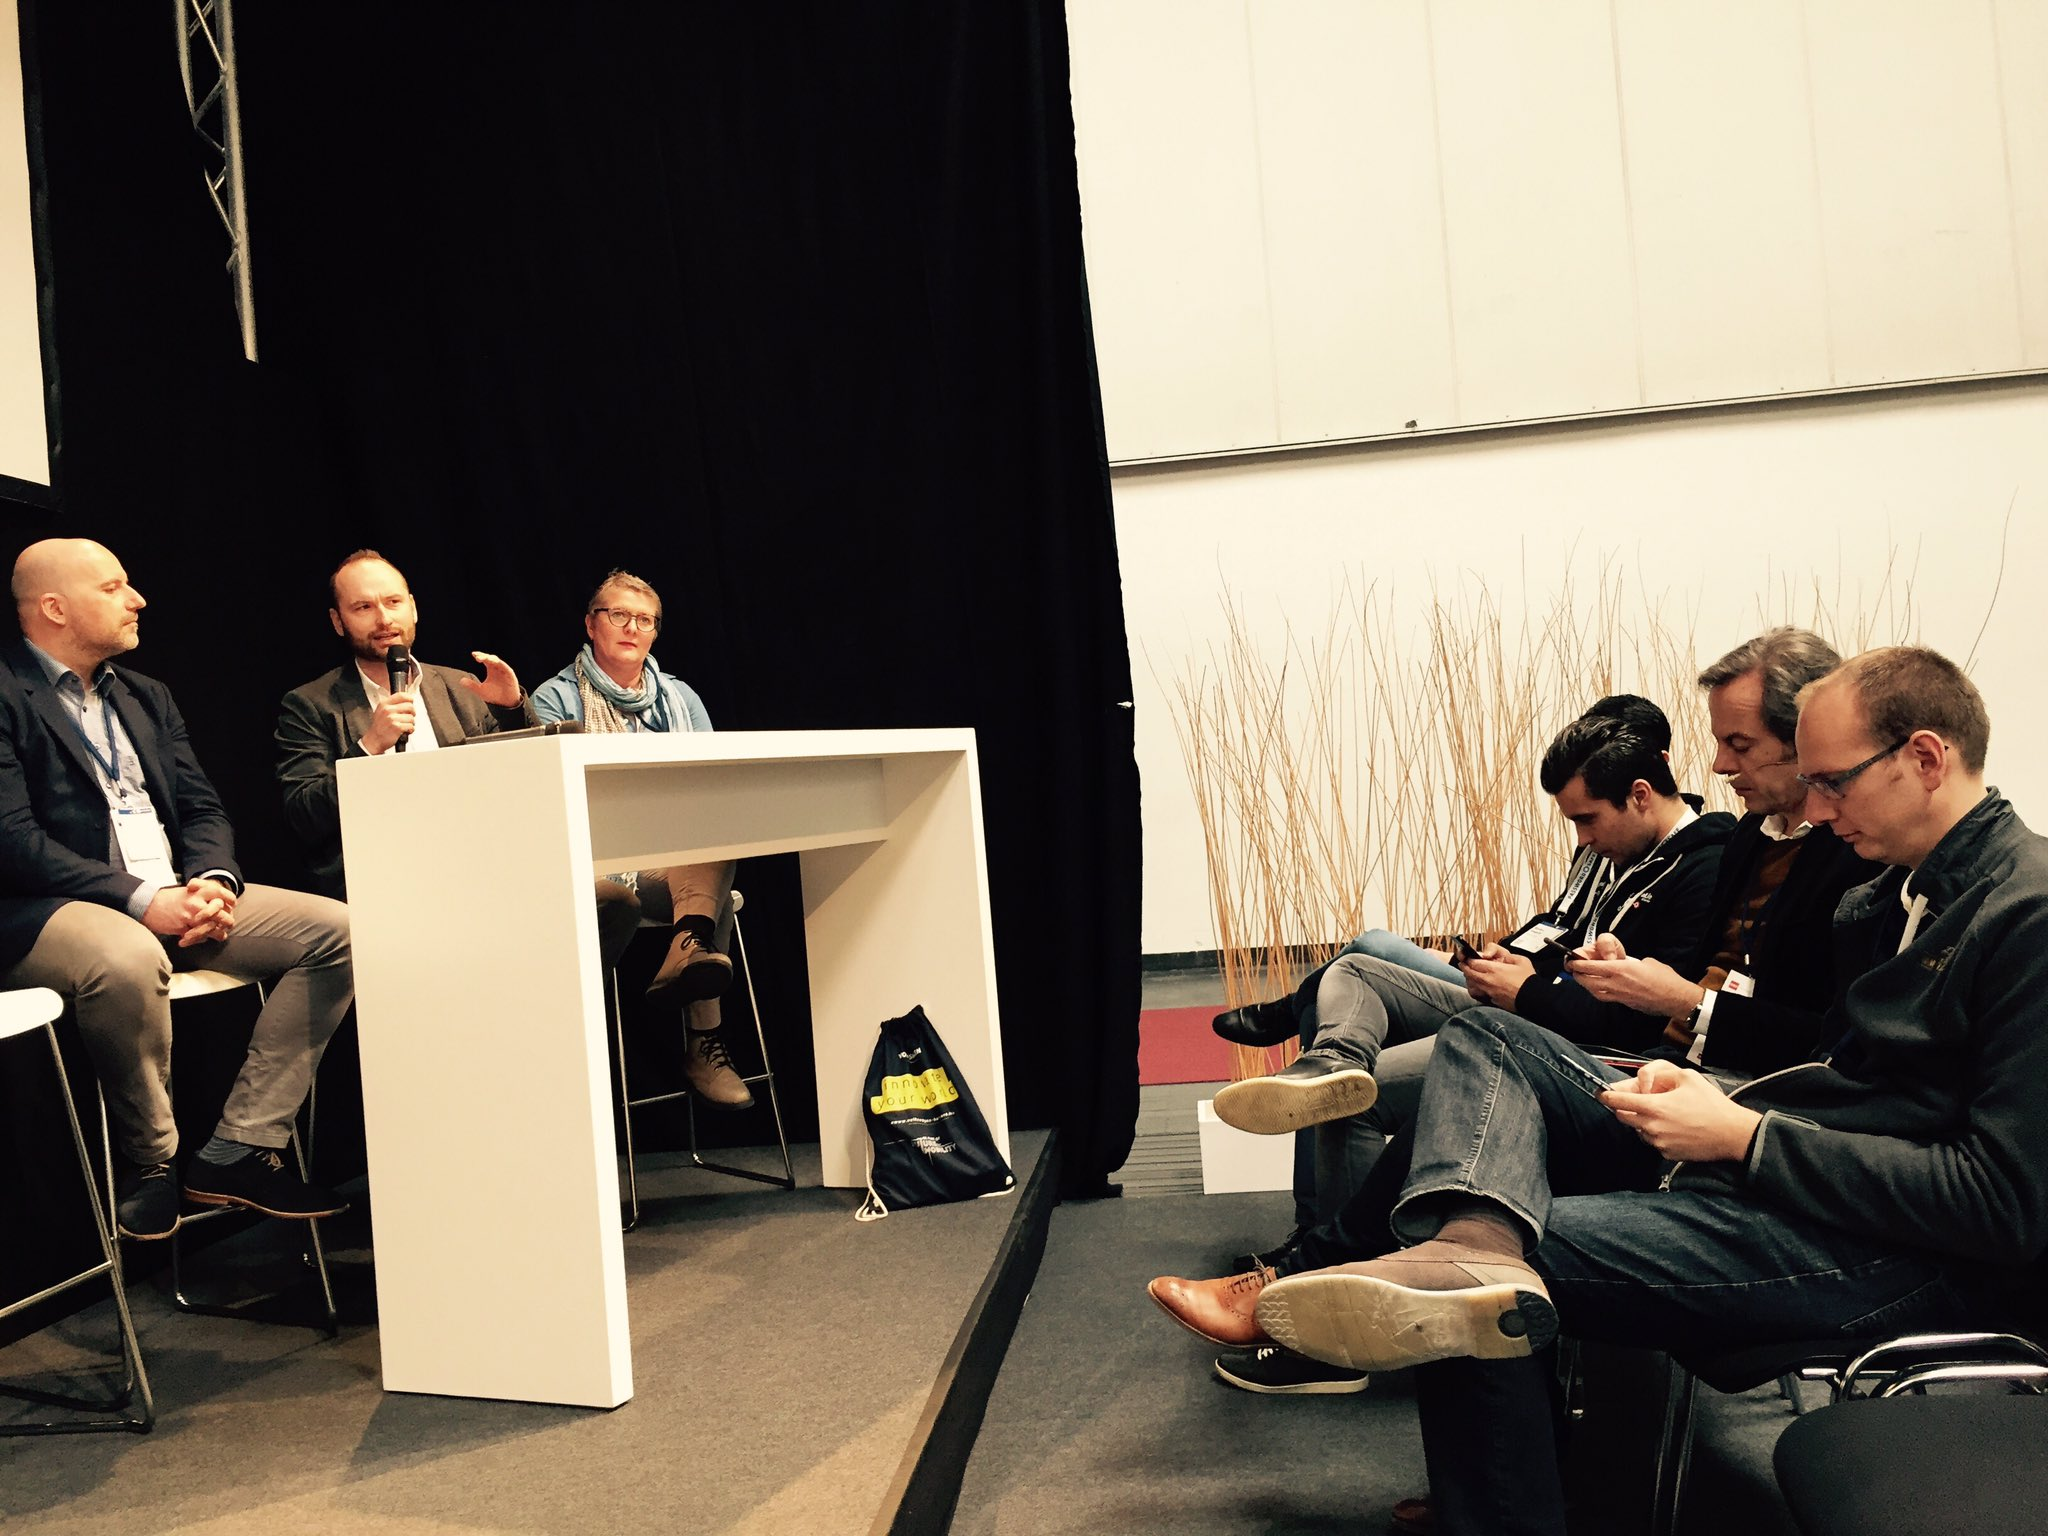 @lukizzl bezieht das @DigitalLife_DAI Team in der 1. Reihe mit ein, klasse! #wol  #cebiteda https://t.co/Y5sWrLhw2u